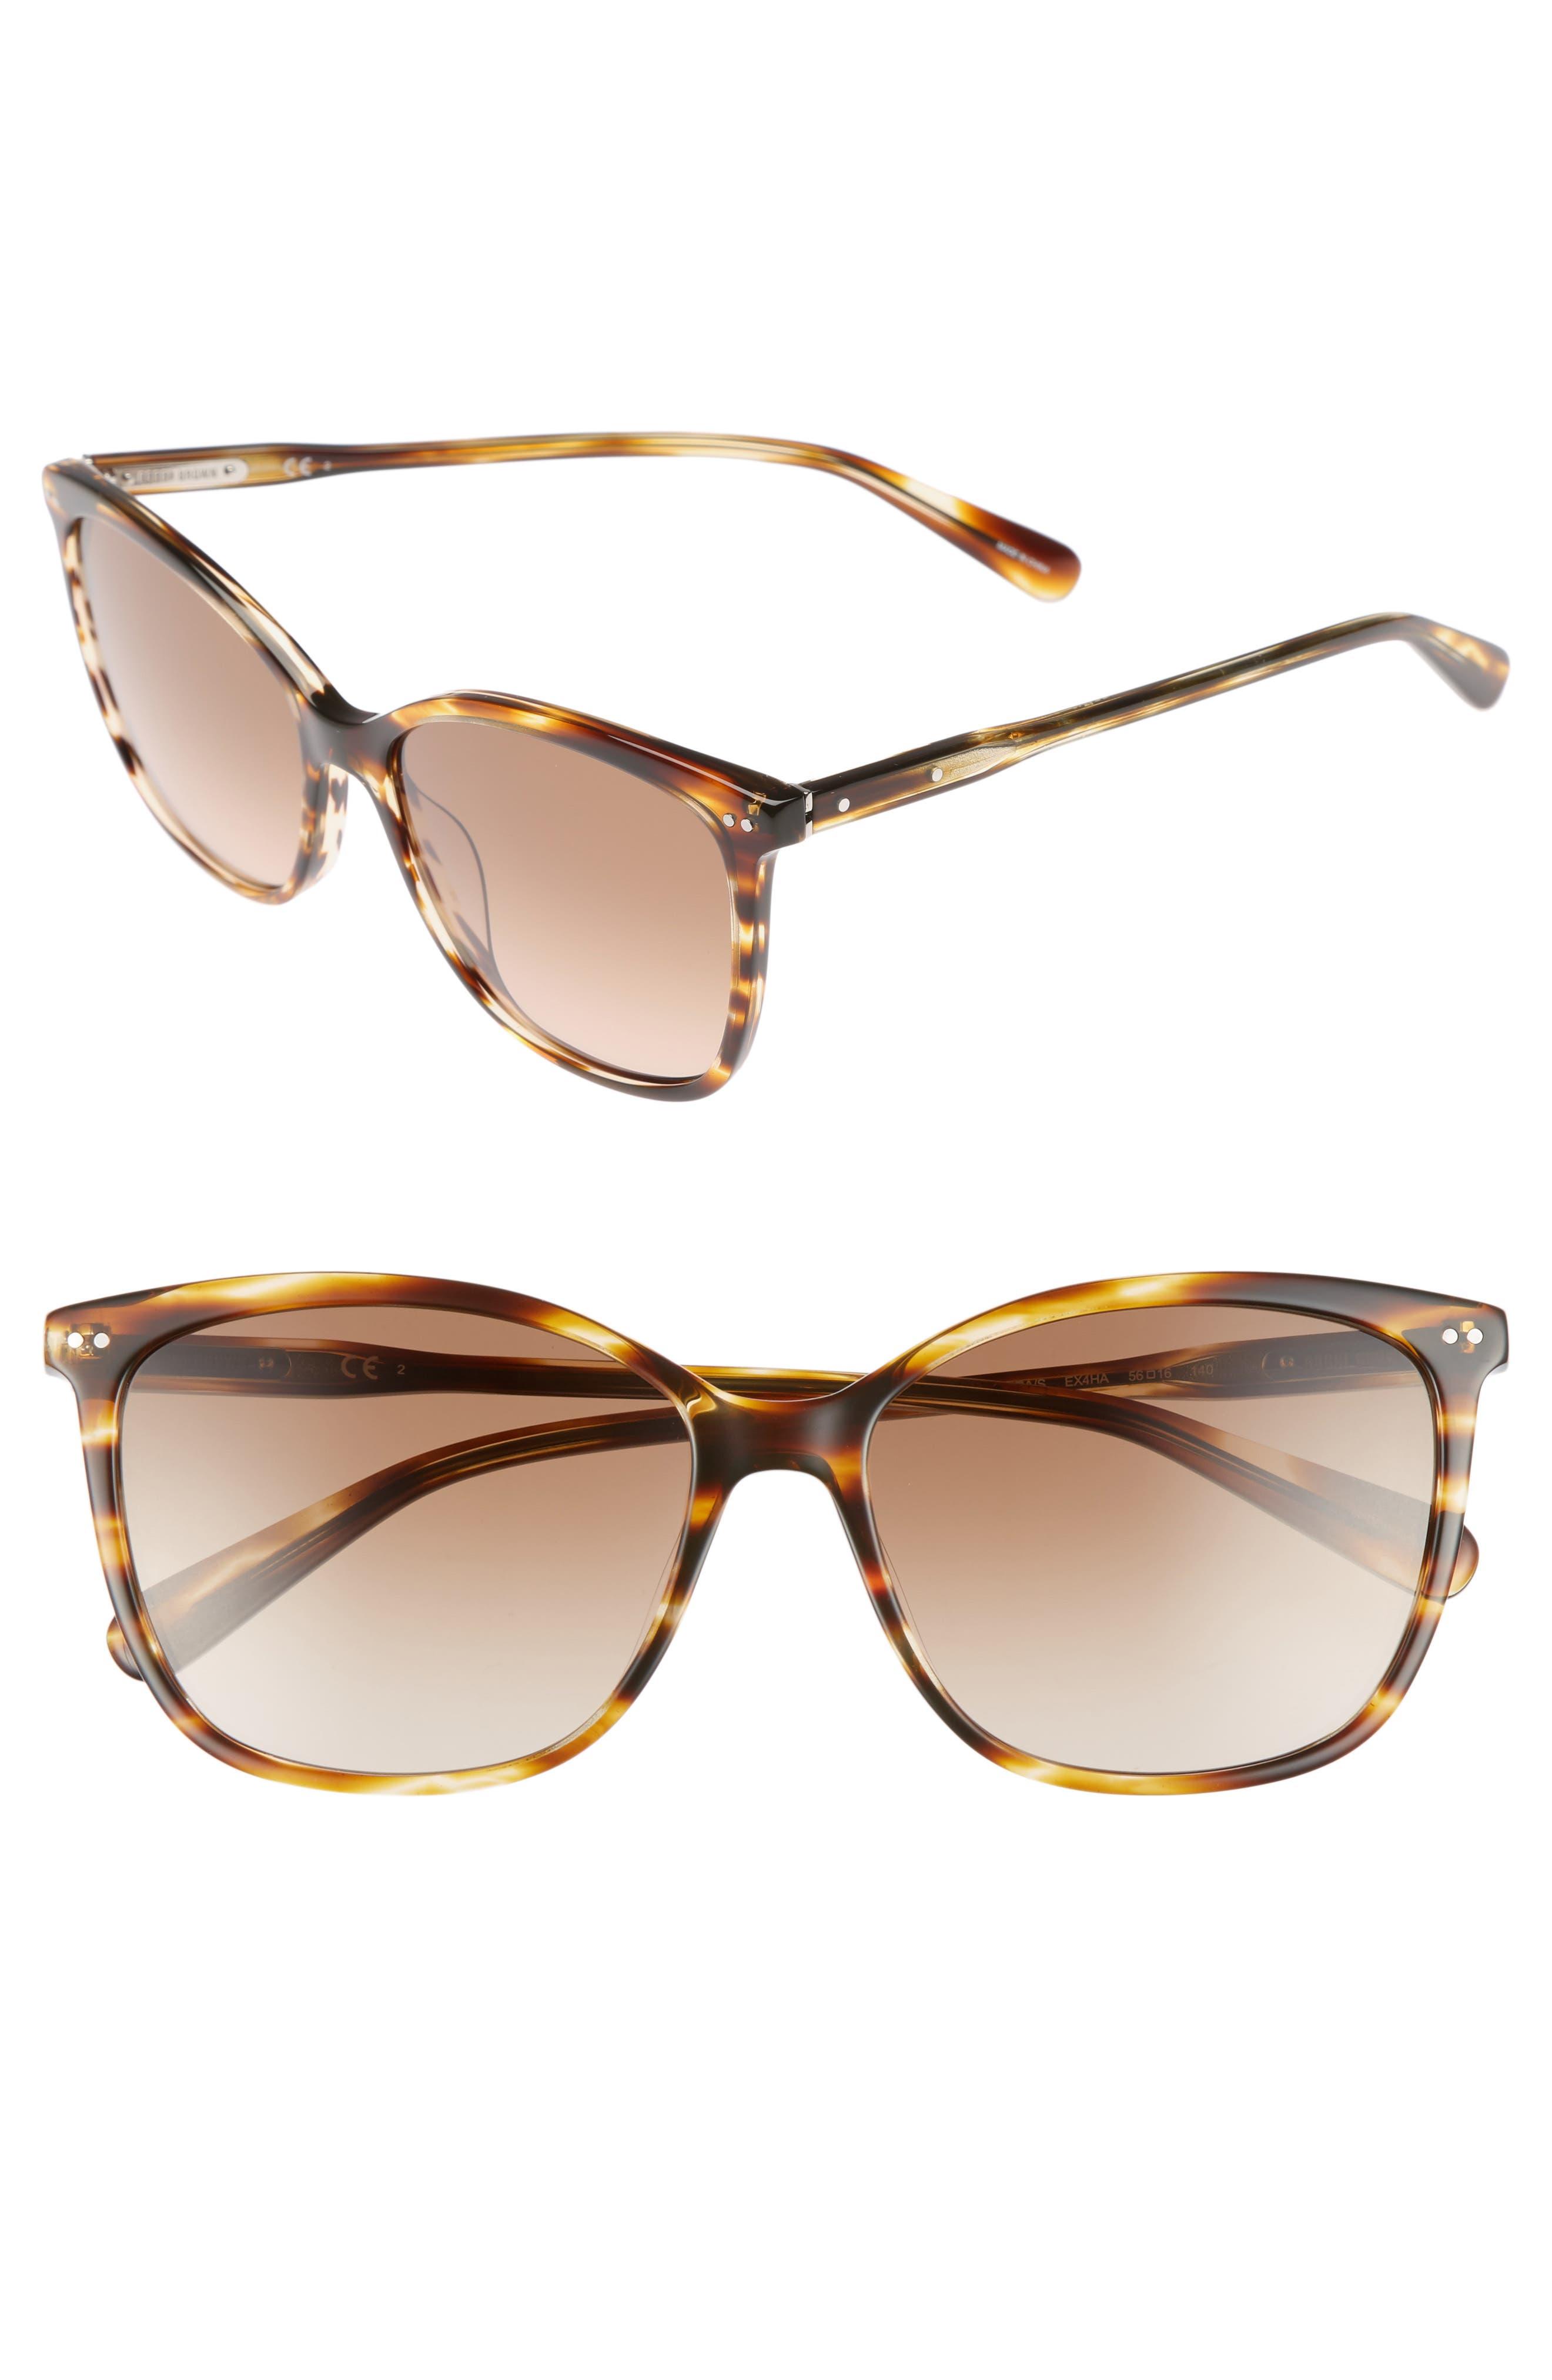 Alternate Image 1 Selected - Bobbi Brown The Lara 56mm Cat Eye Sunglasses